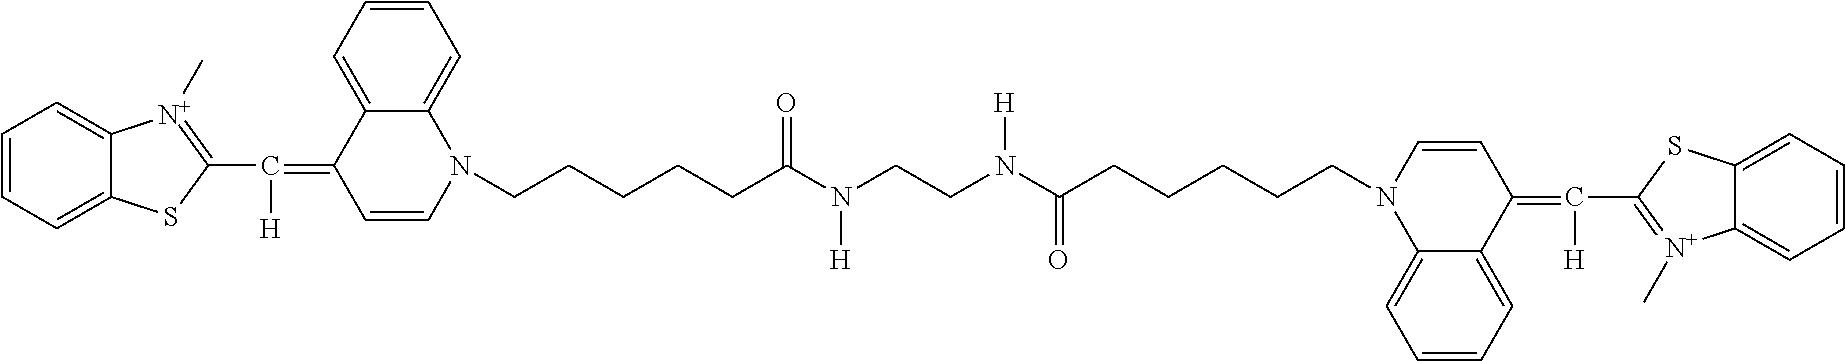 Figure US08877437-20141104-C00029